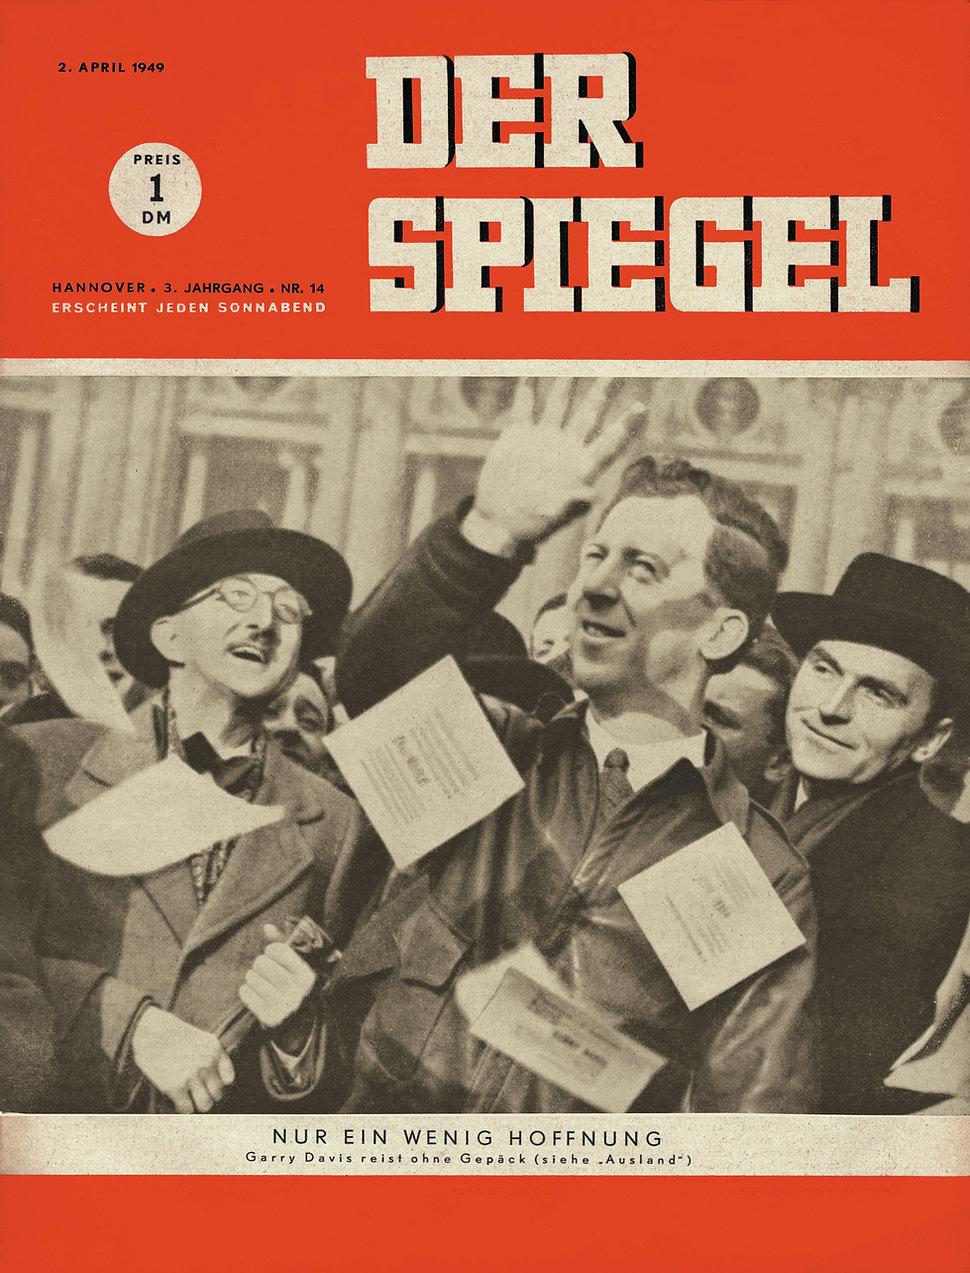 Der Spiegel April 2 1949.jpg